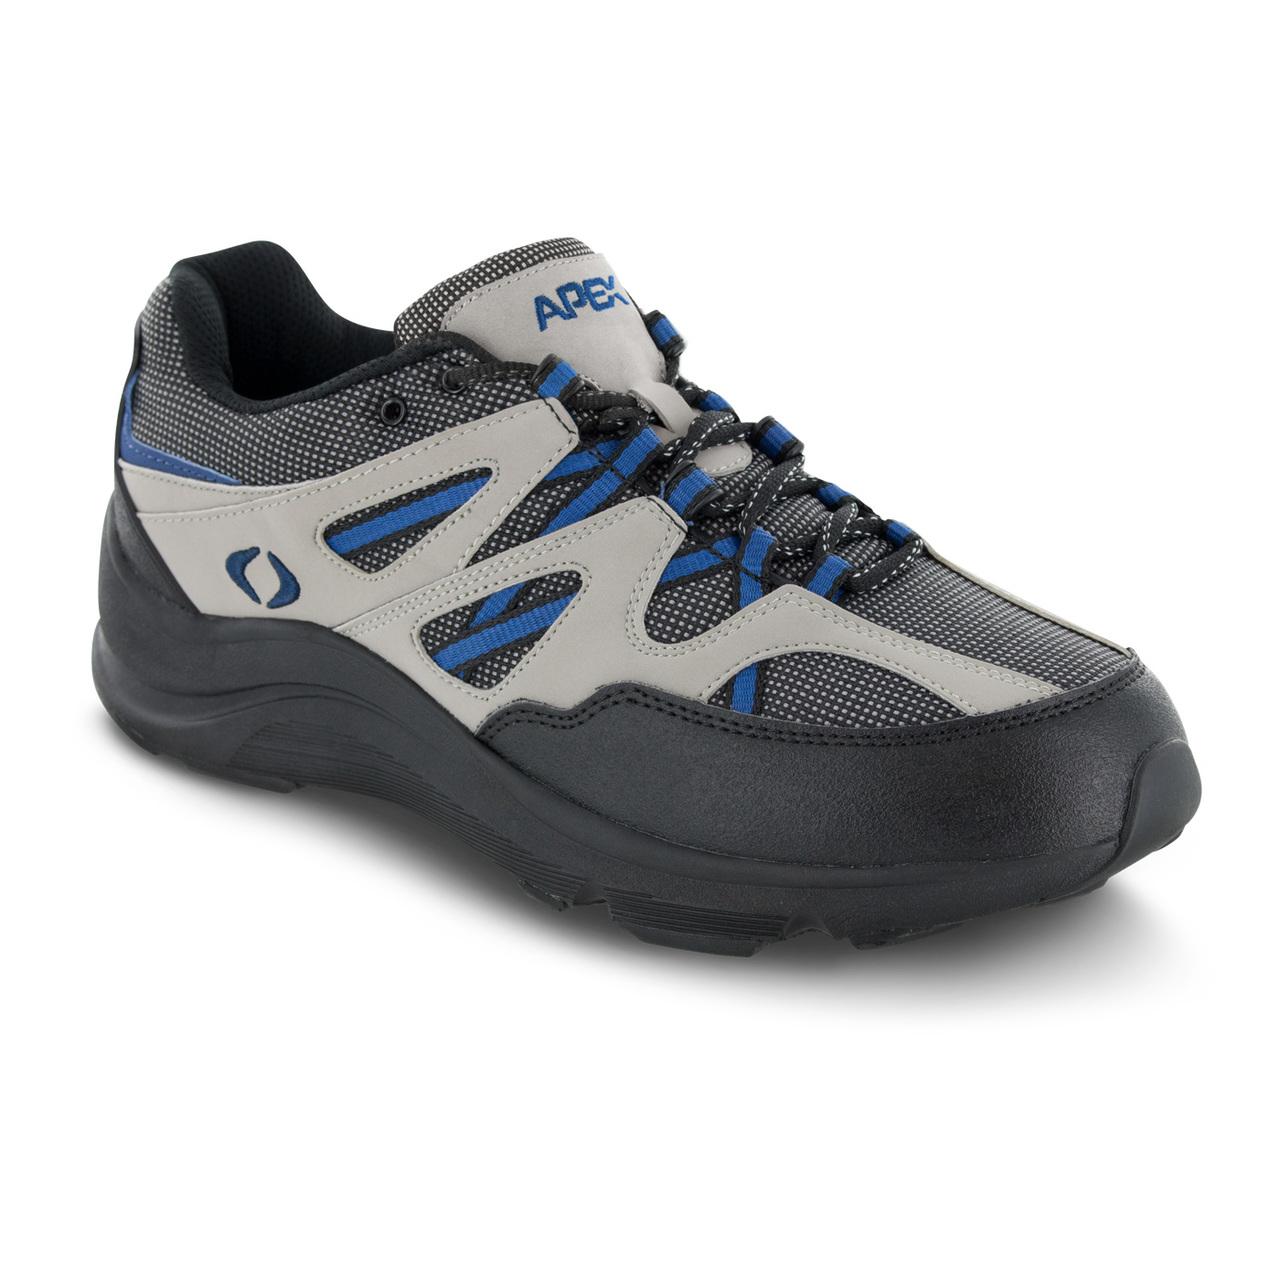 Apex Sierra Trail Runner - Gray/Blue